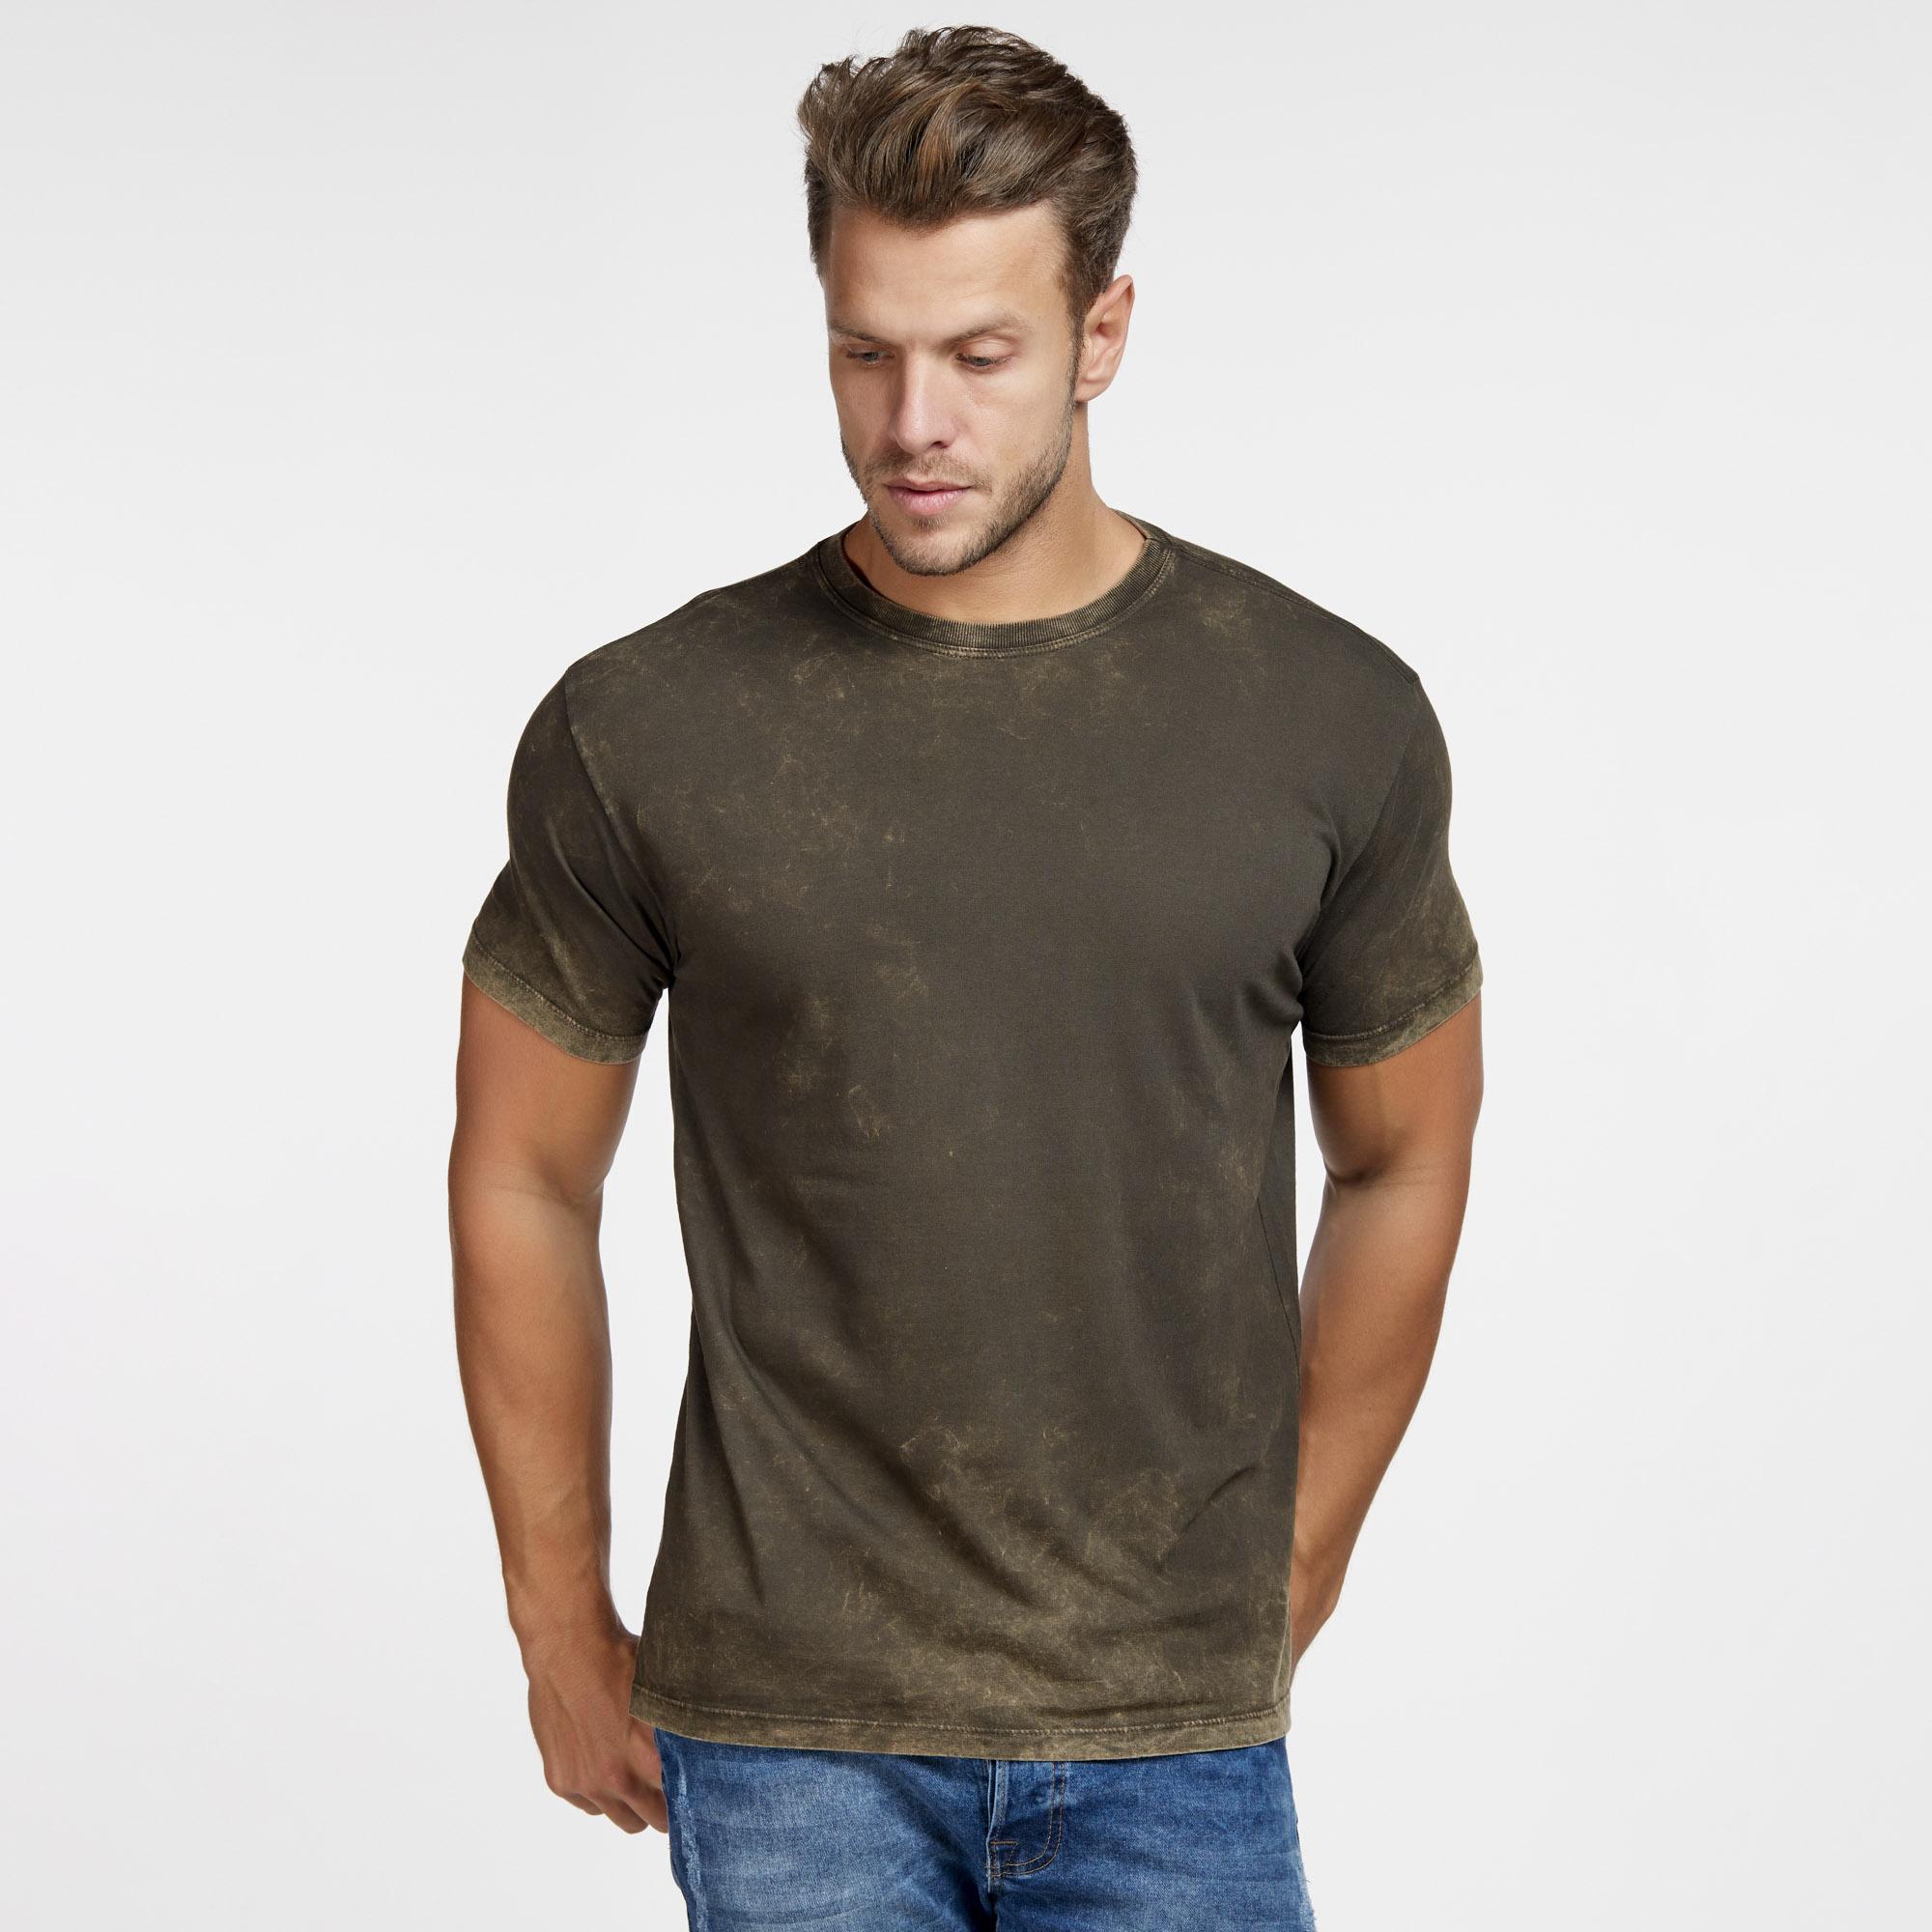 Camiseta Masculina Marmorizada do Avesso Marrom